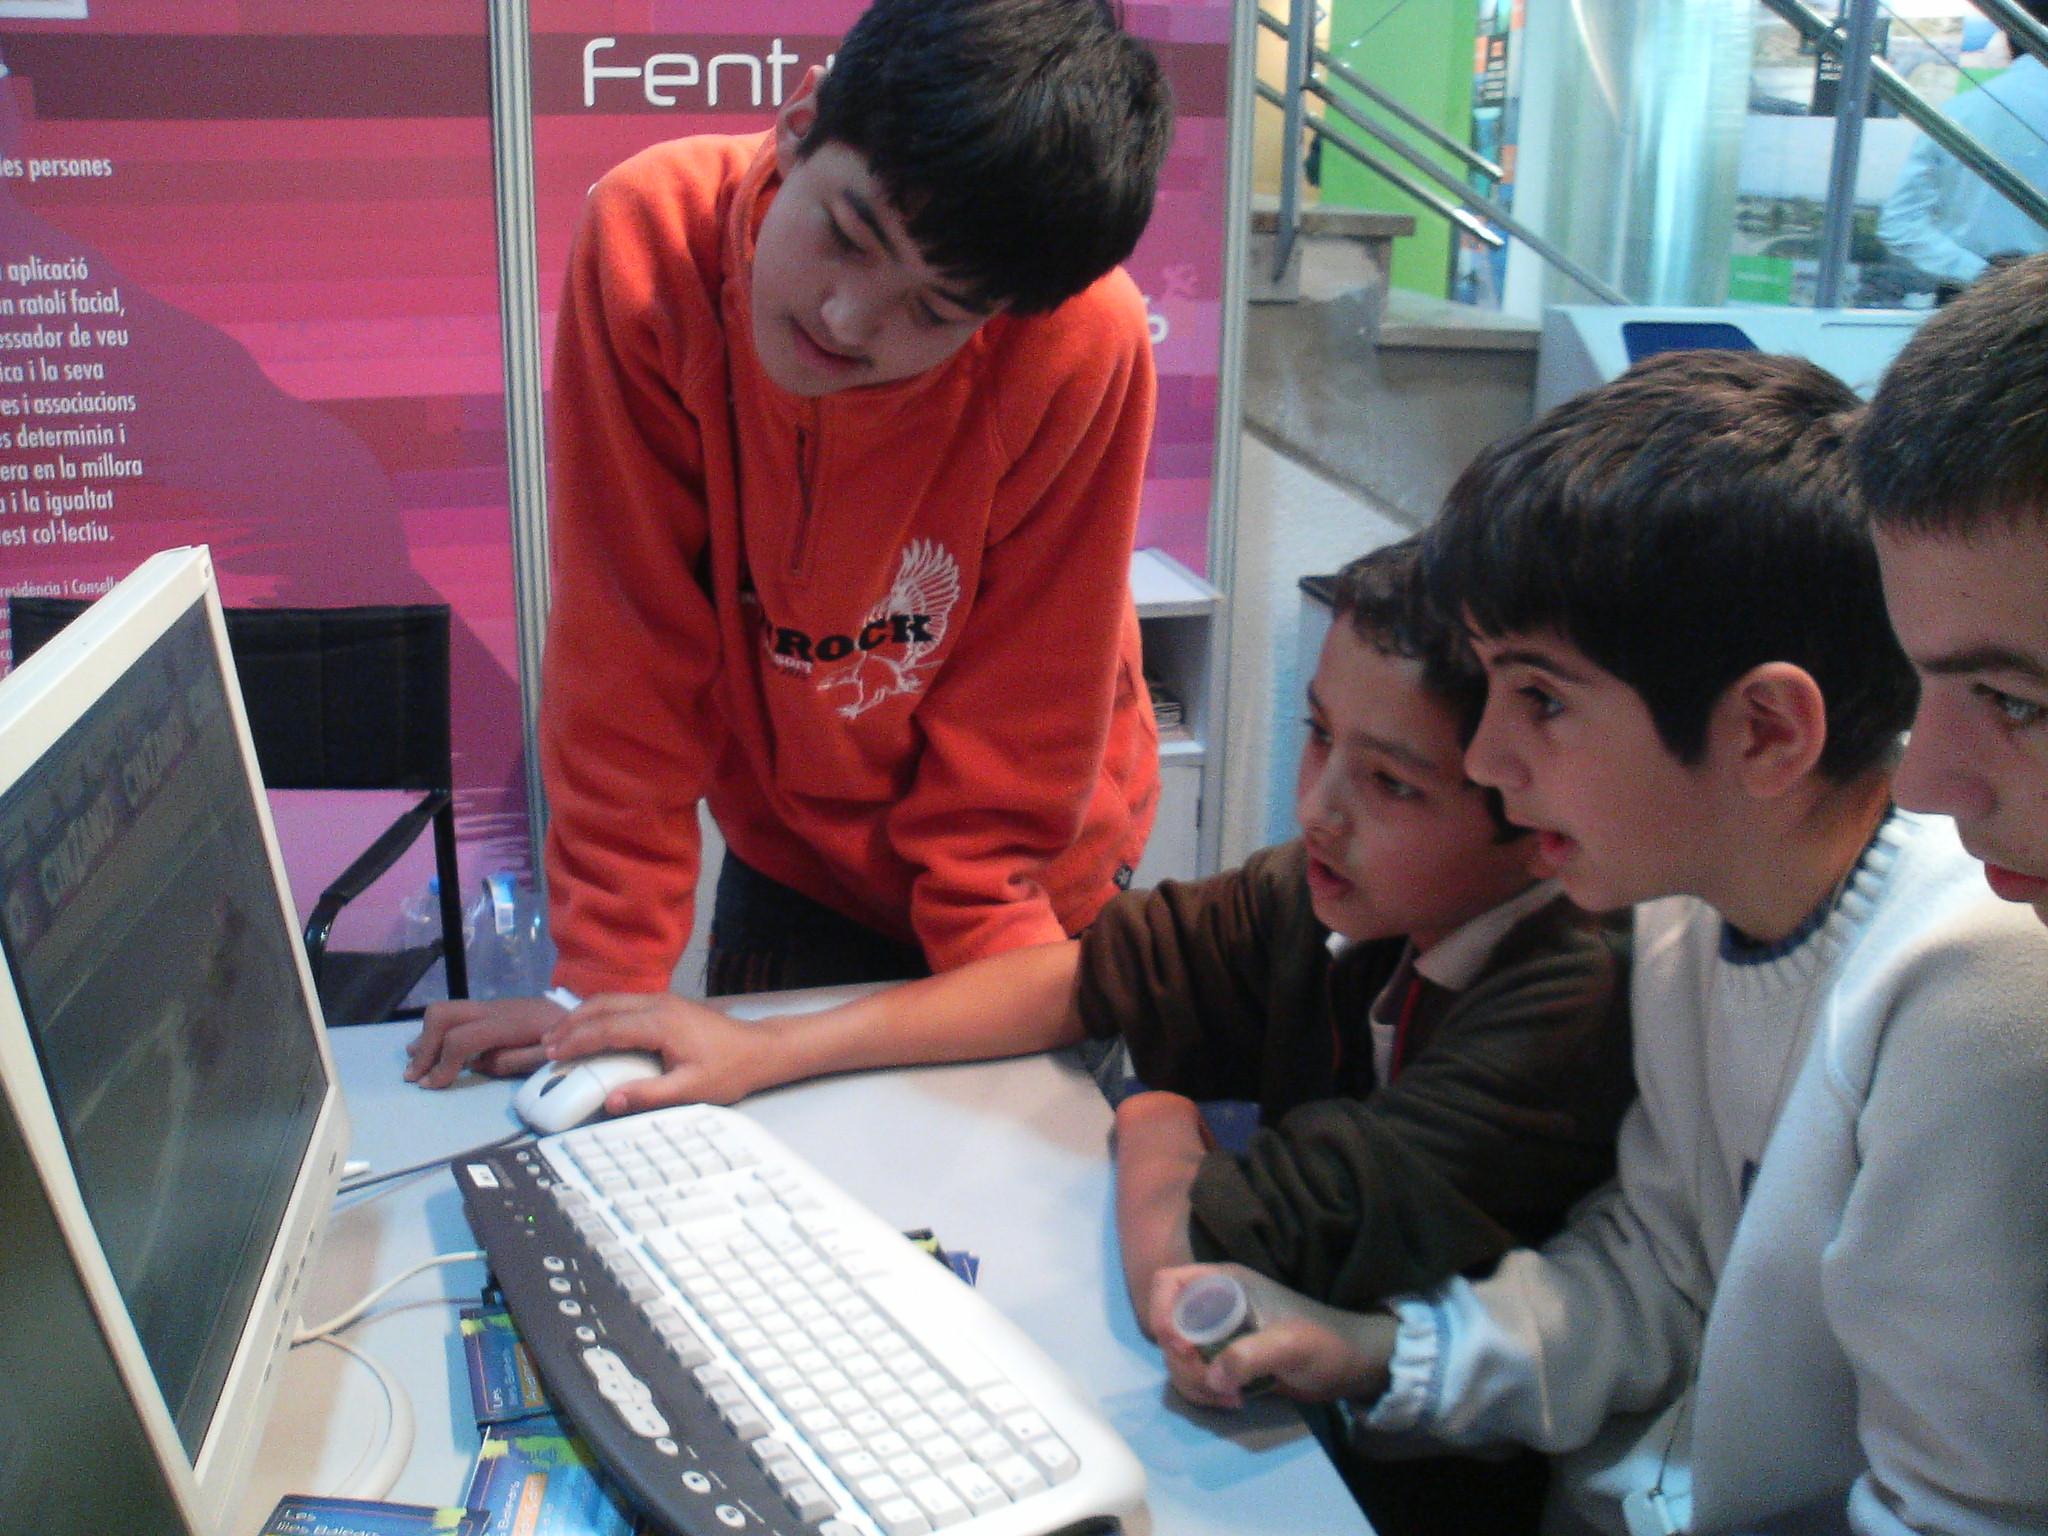 Los niños necesitan igualdad de acceso a la tecnología